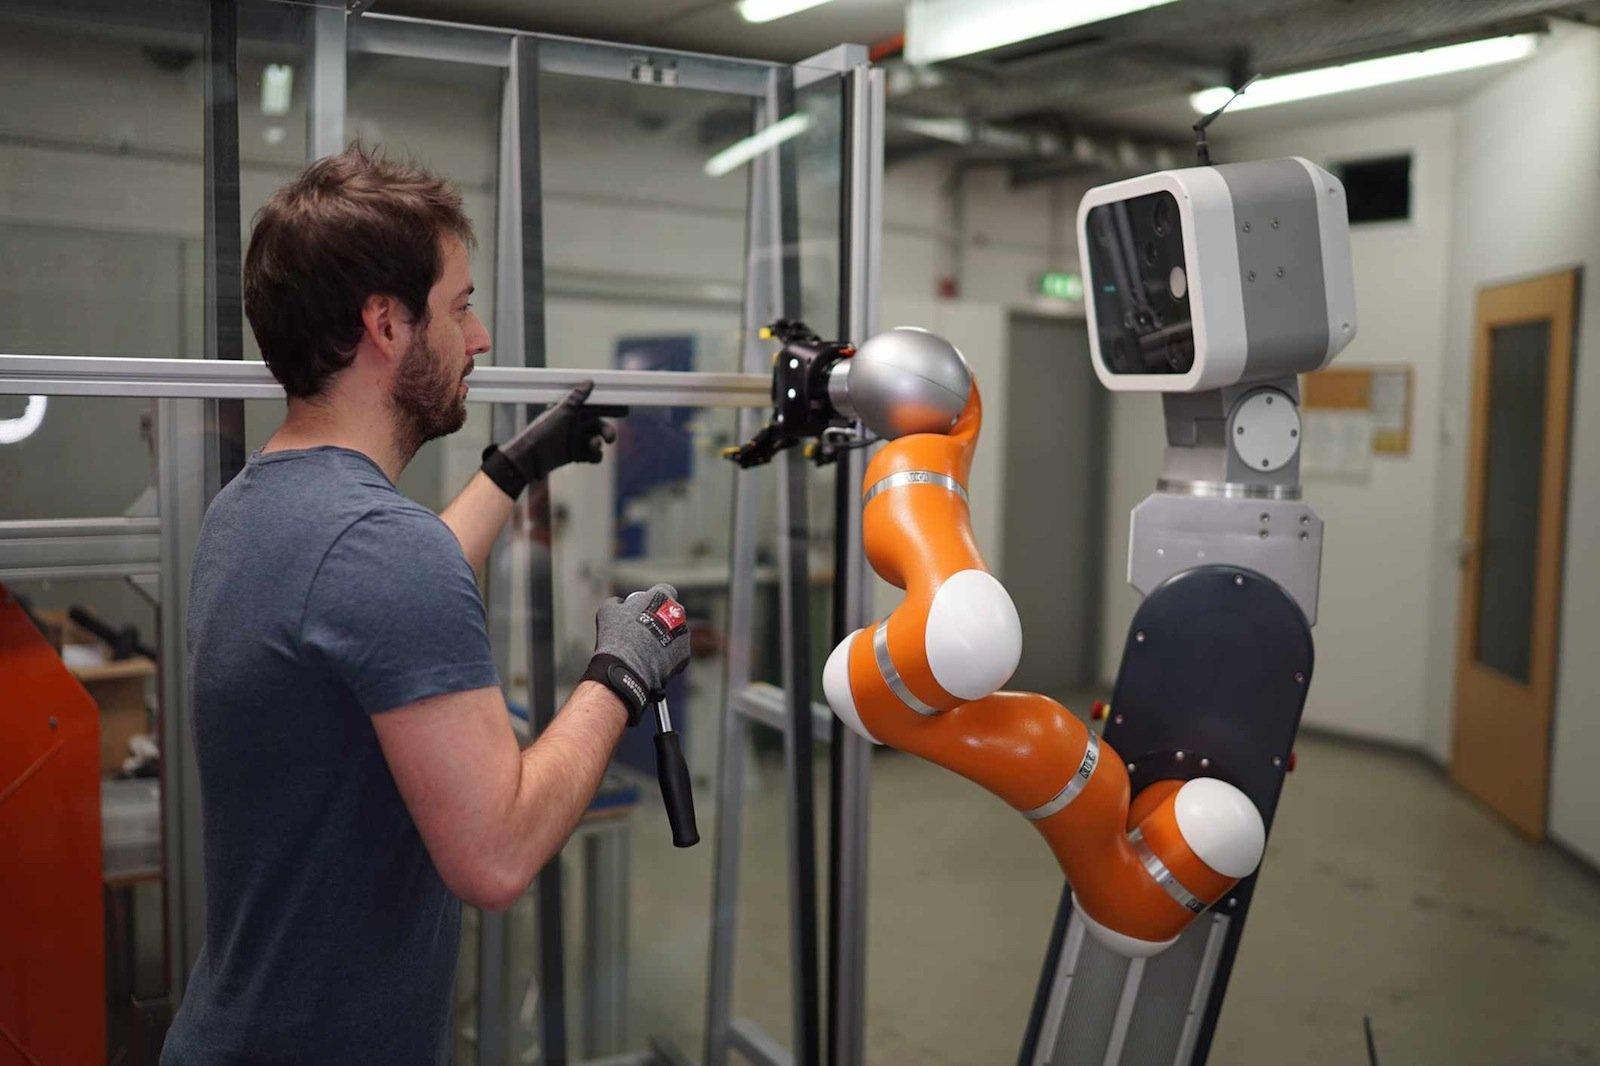 Mobile Assistenzroboter werden den Menschen künftig in vielen Bereichen der Produktion unmittelbar unterstützen. Das Fraunhofer IFF entwickelt Technologien, die die sichere Zusammenarbeit von Mensch und Maschine ermöglichen.